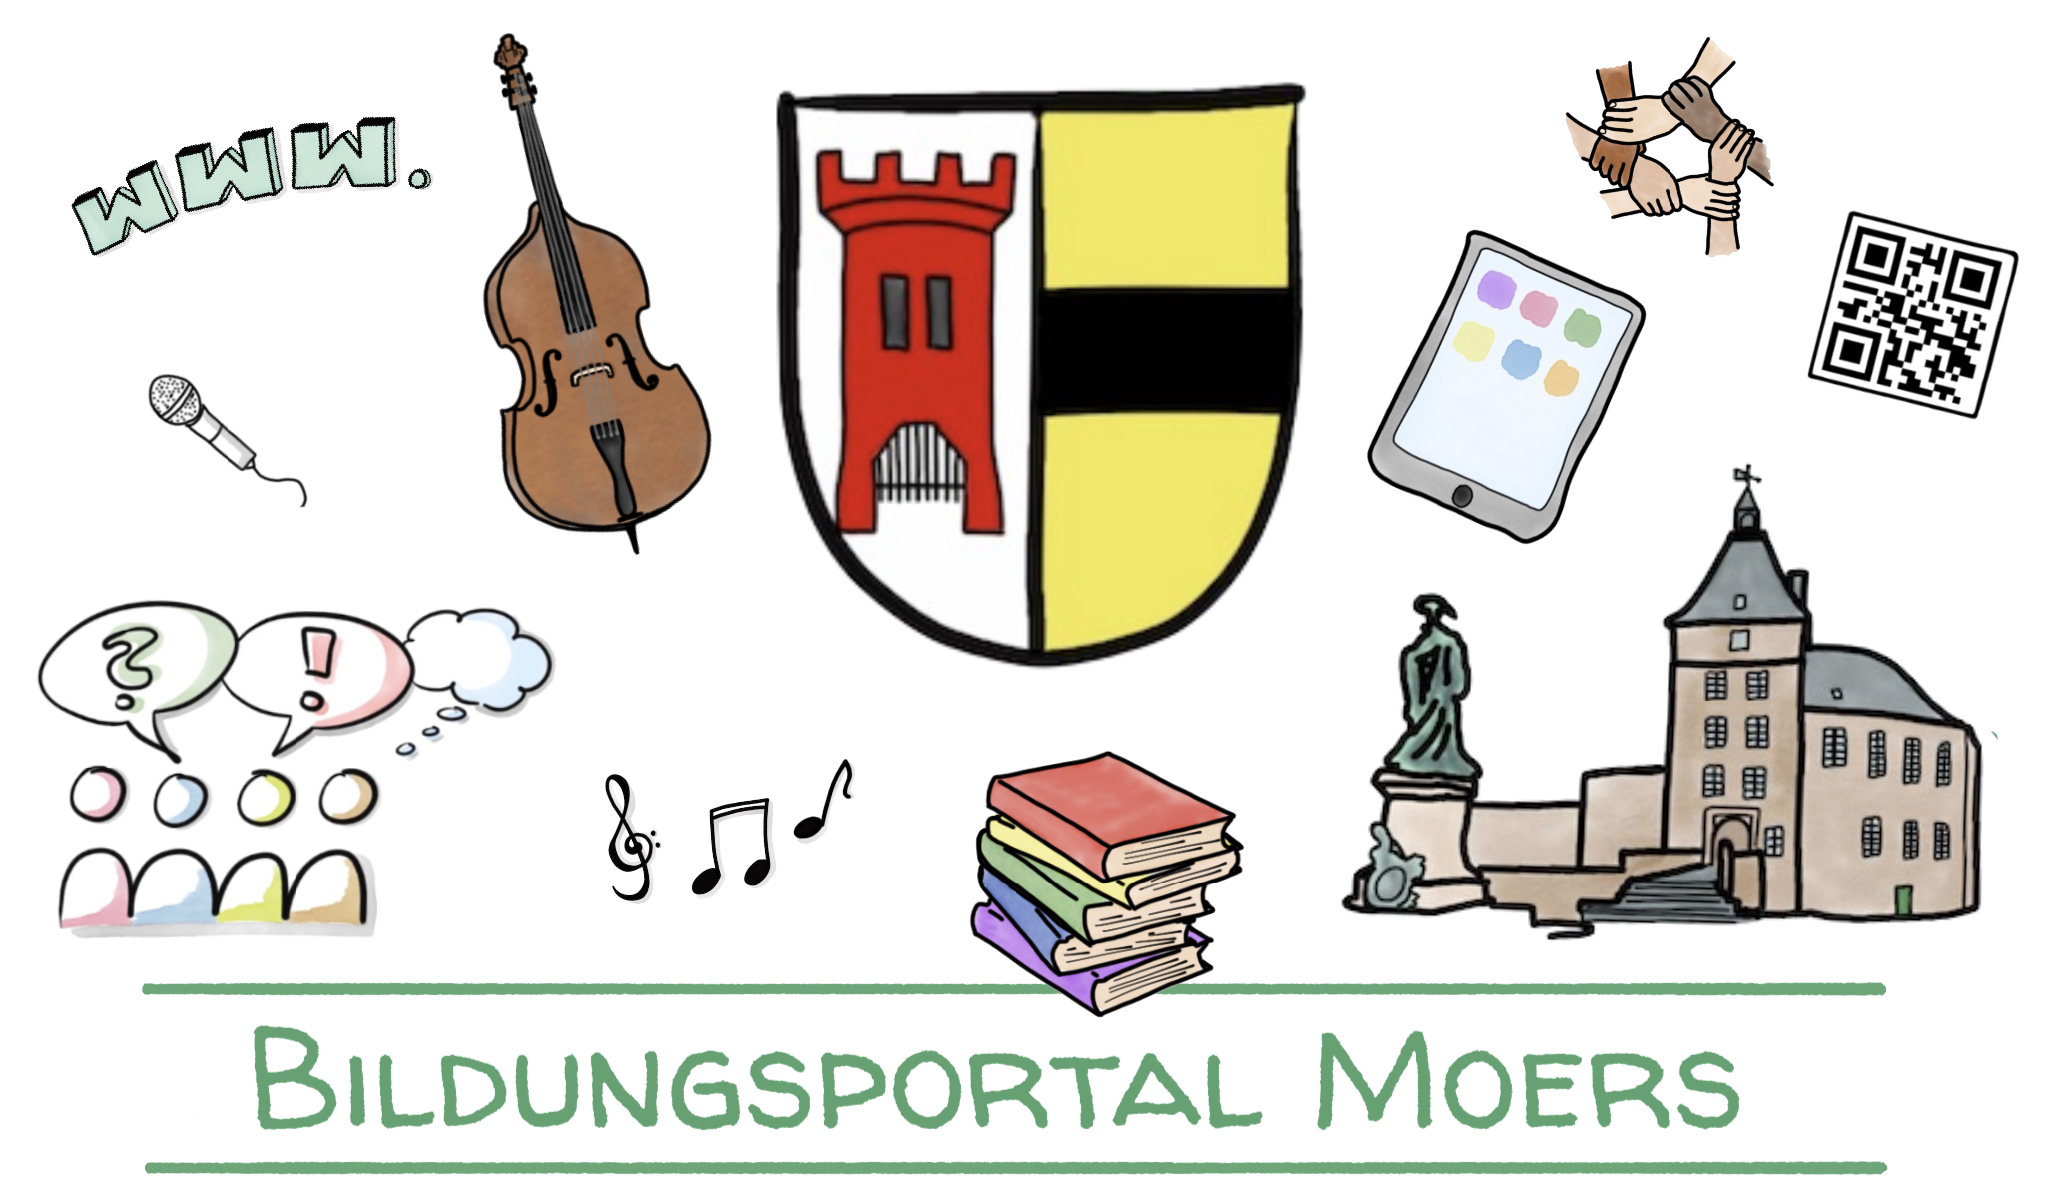 Bildungsportal Moers